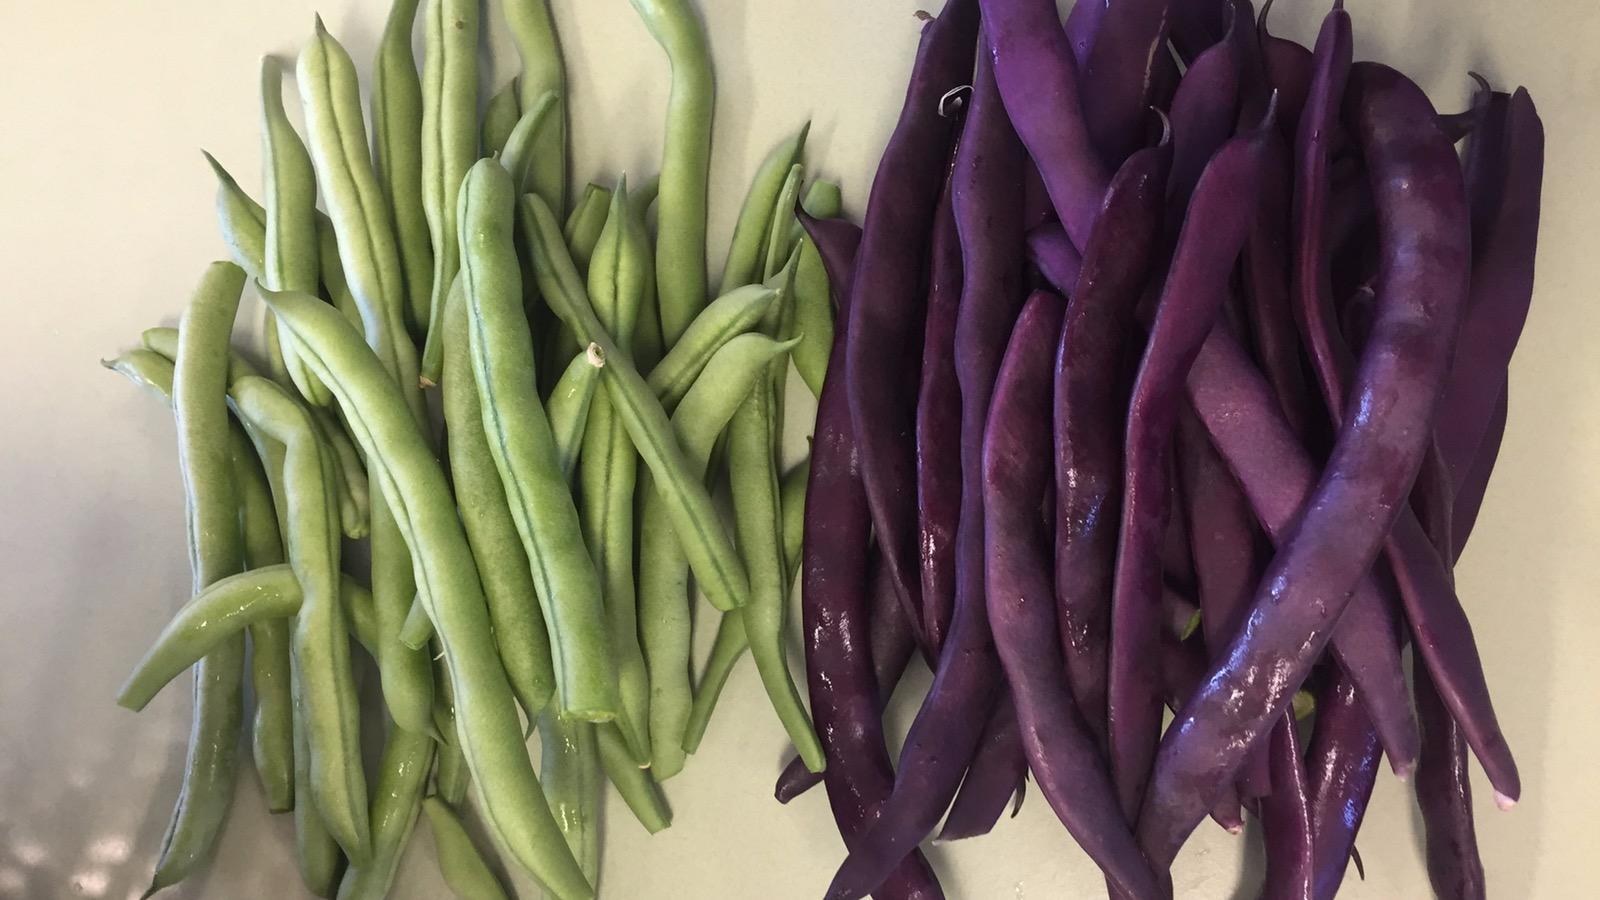 Freshly picked kitchen garden beans